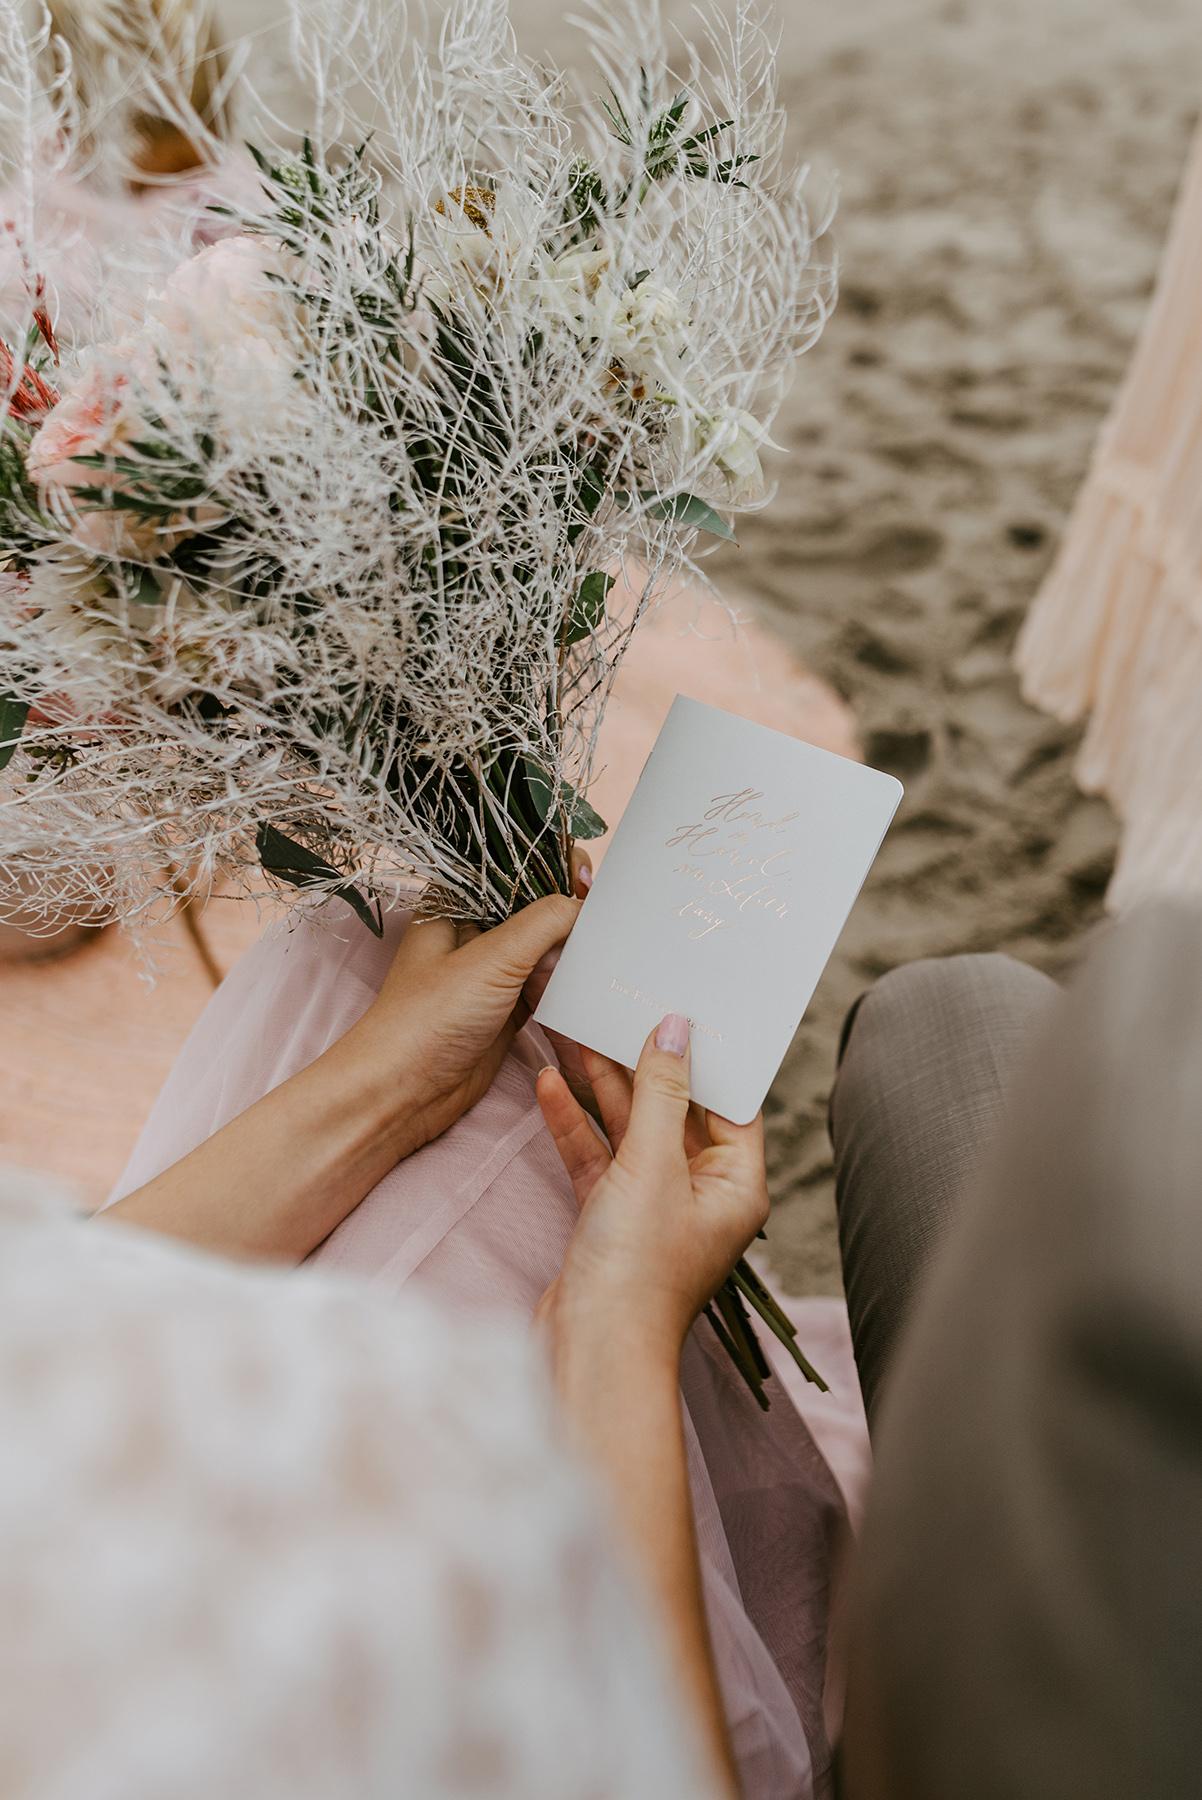 Eheversprechen Büchlein hand in Hand ein Leben lang